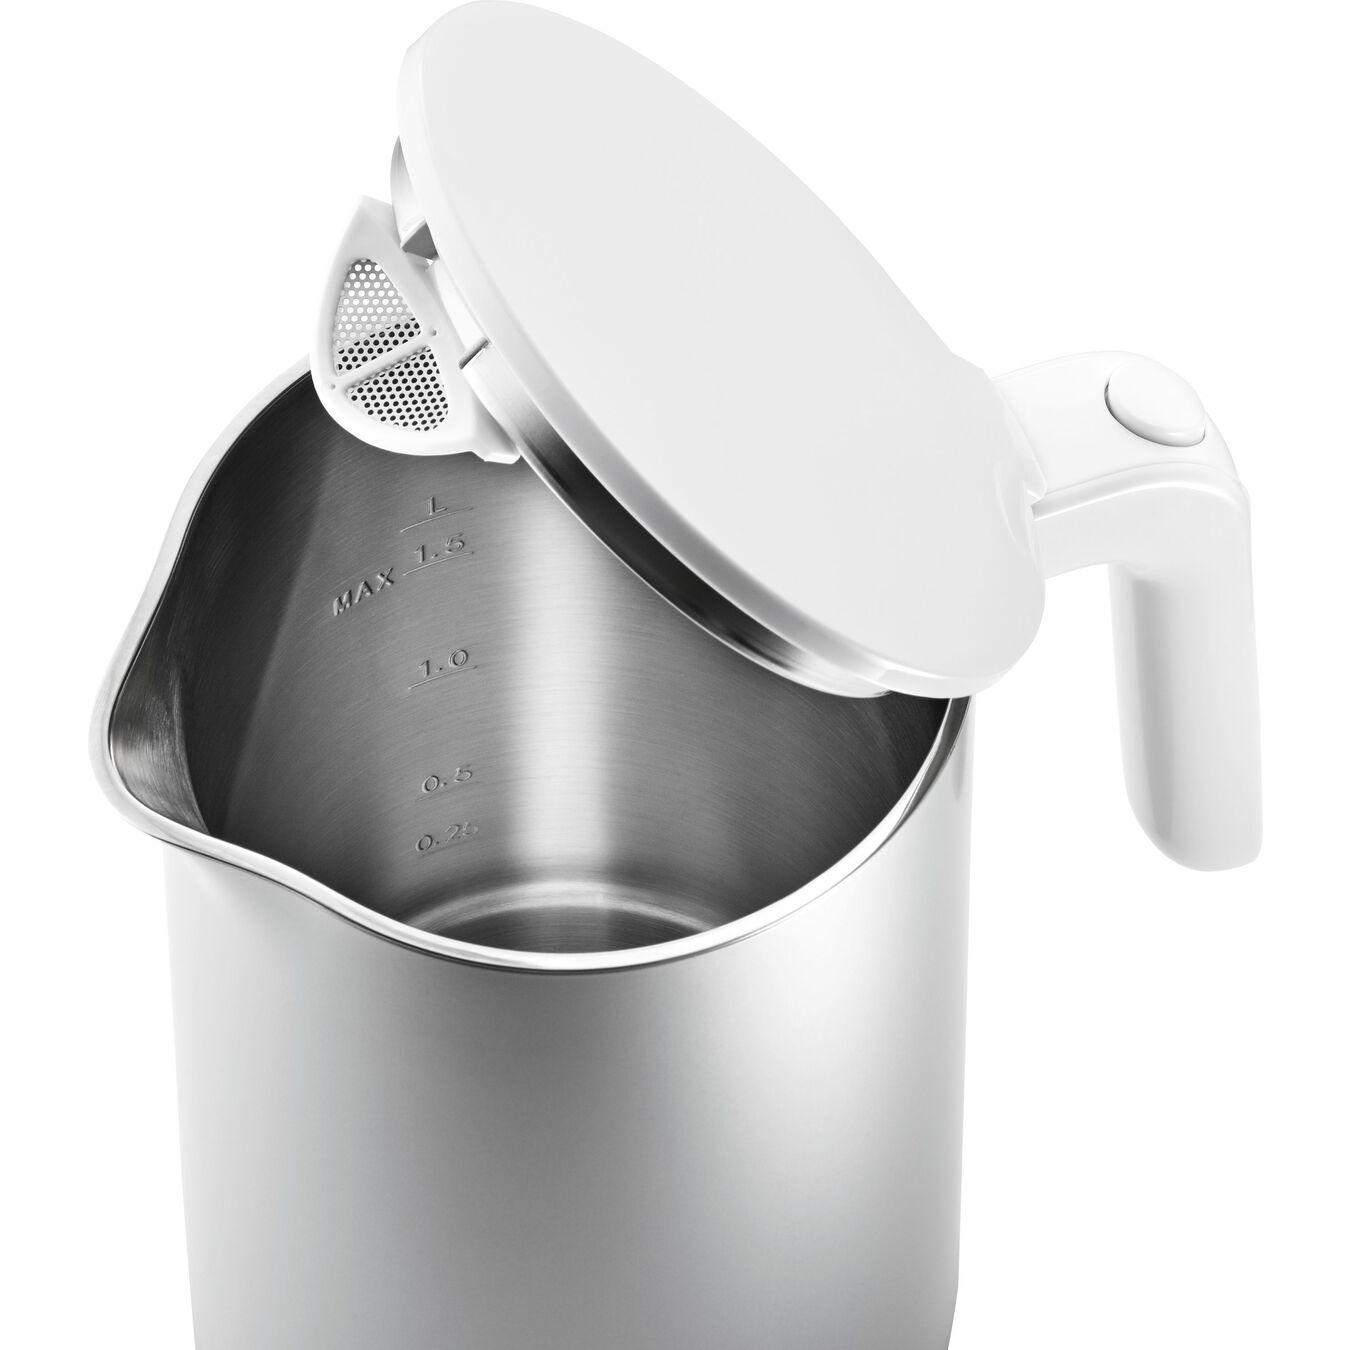 Elektrisk vattenkittel Pro, 1,5 l, Silver,,large 6